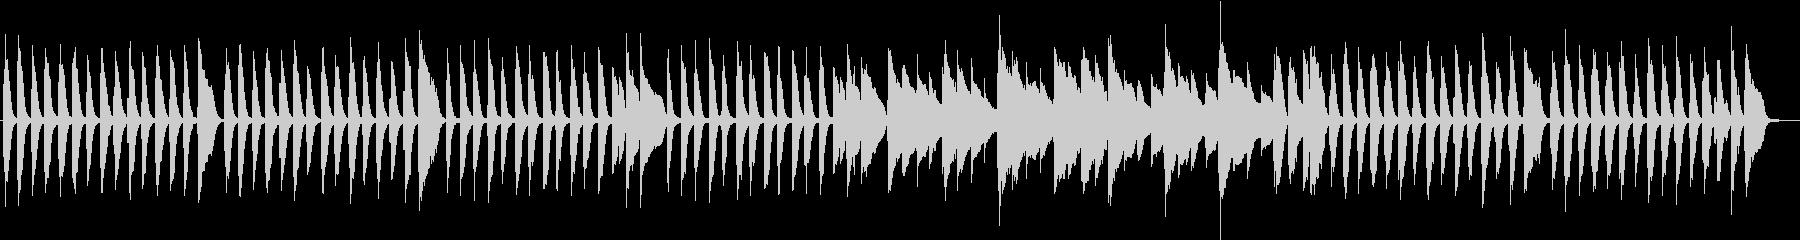 前打音を多用したリズミカルなピアノ曲の未再生の波形